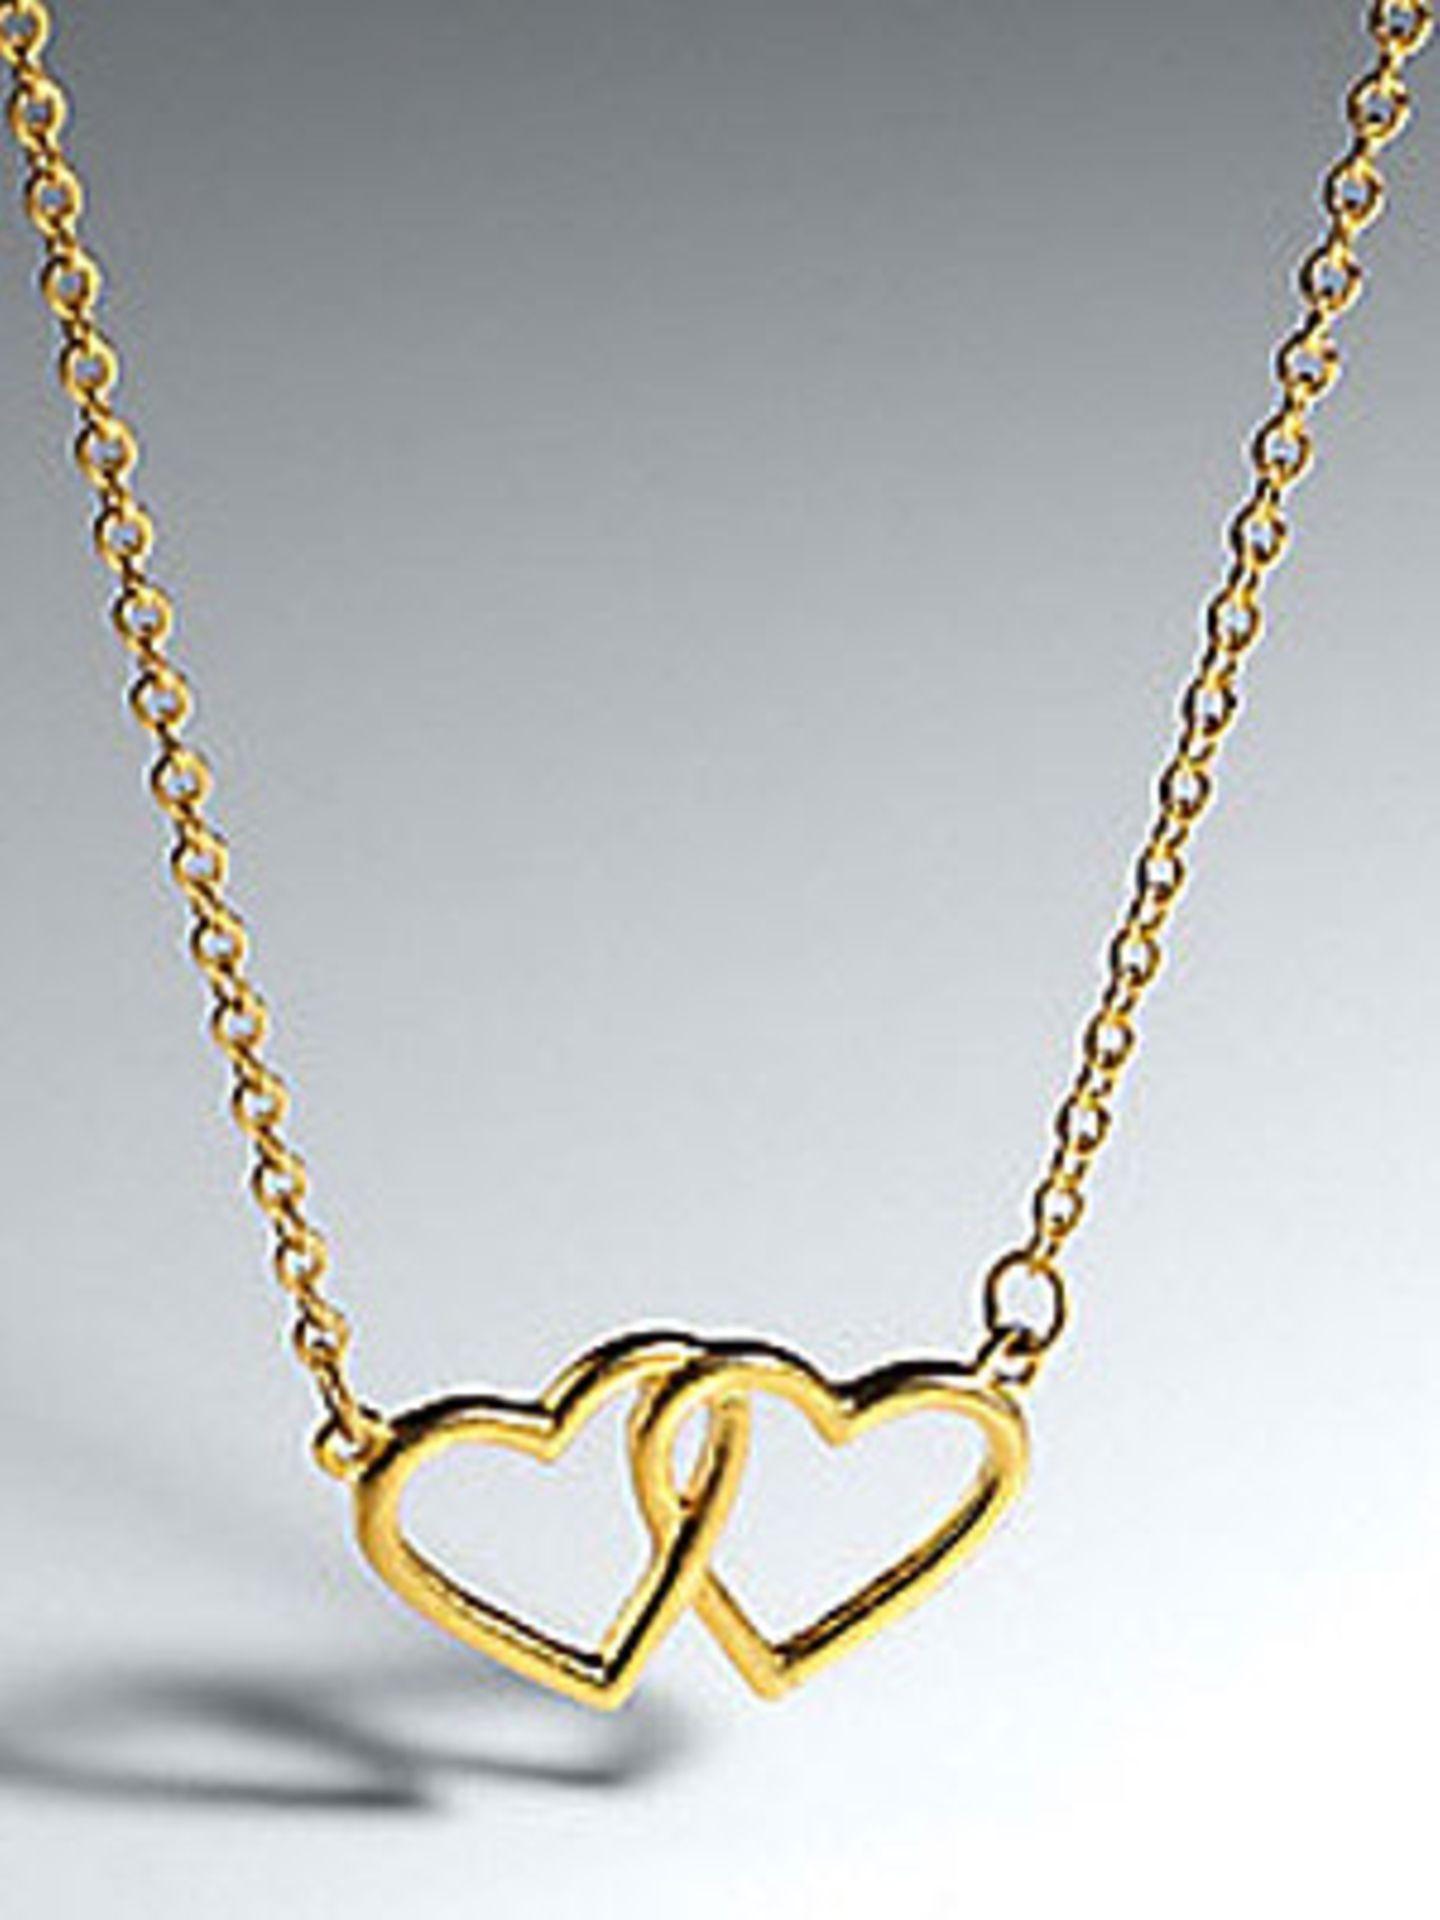 All you need is love: Herzkette von Frontlineshop, um 28 Euro.